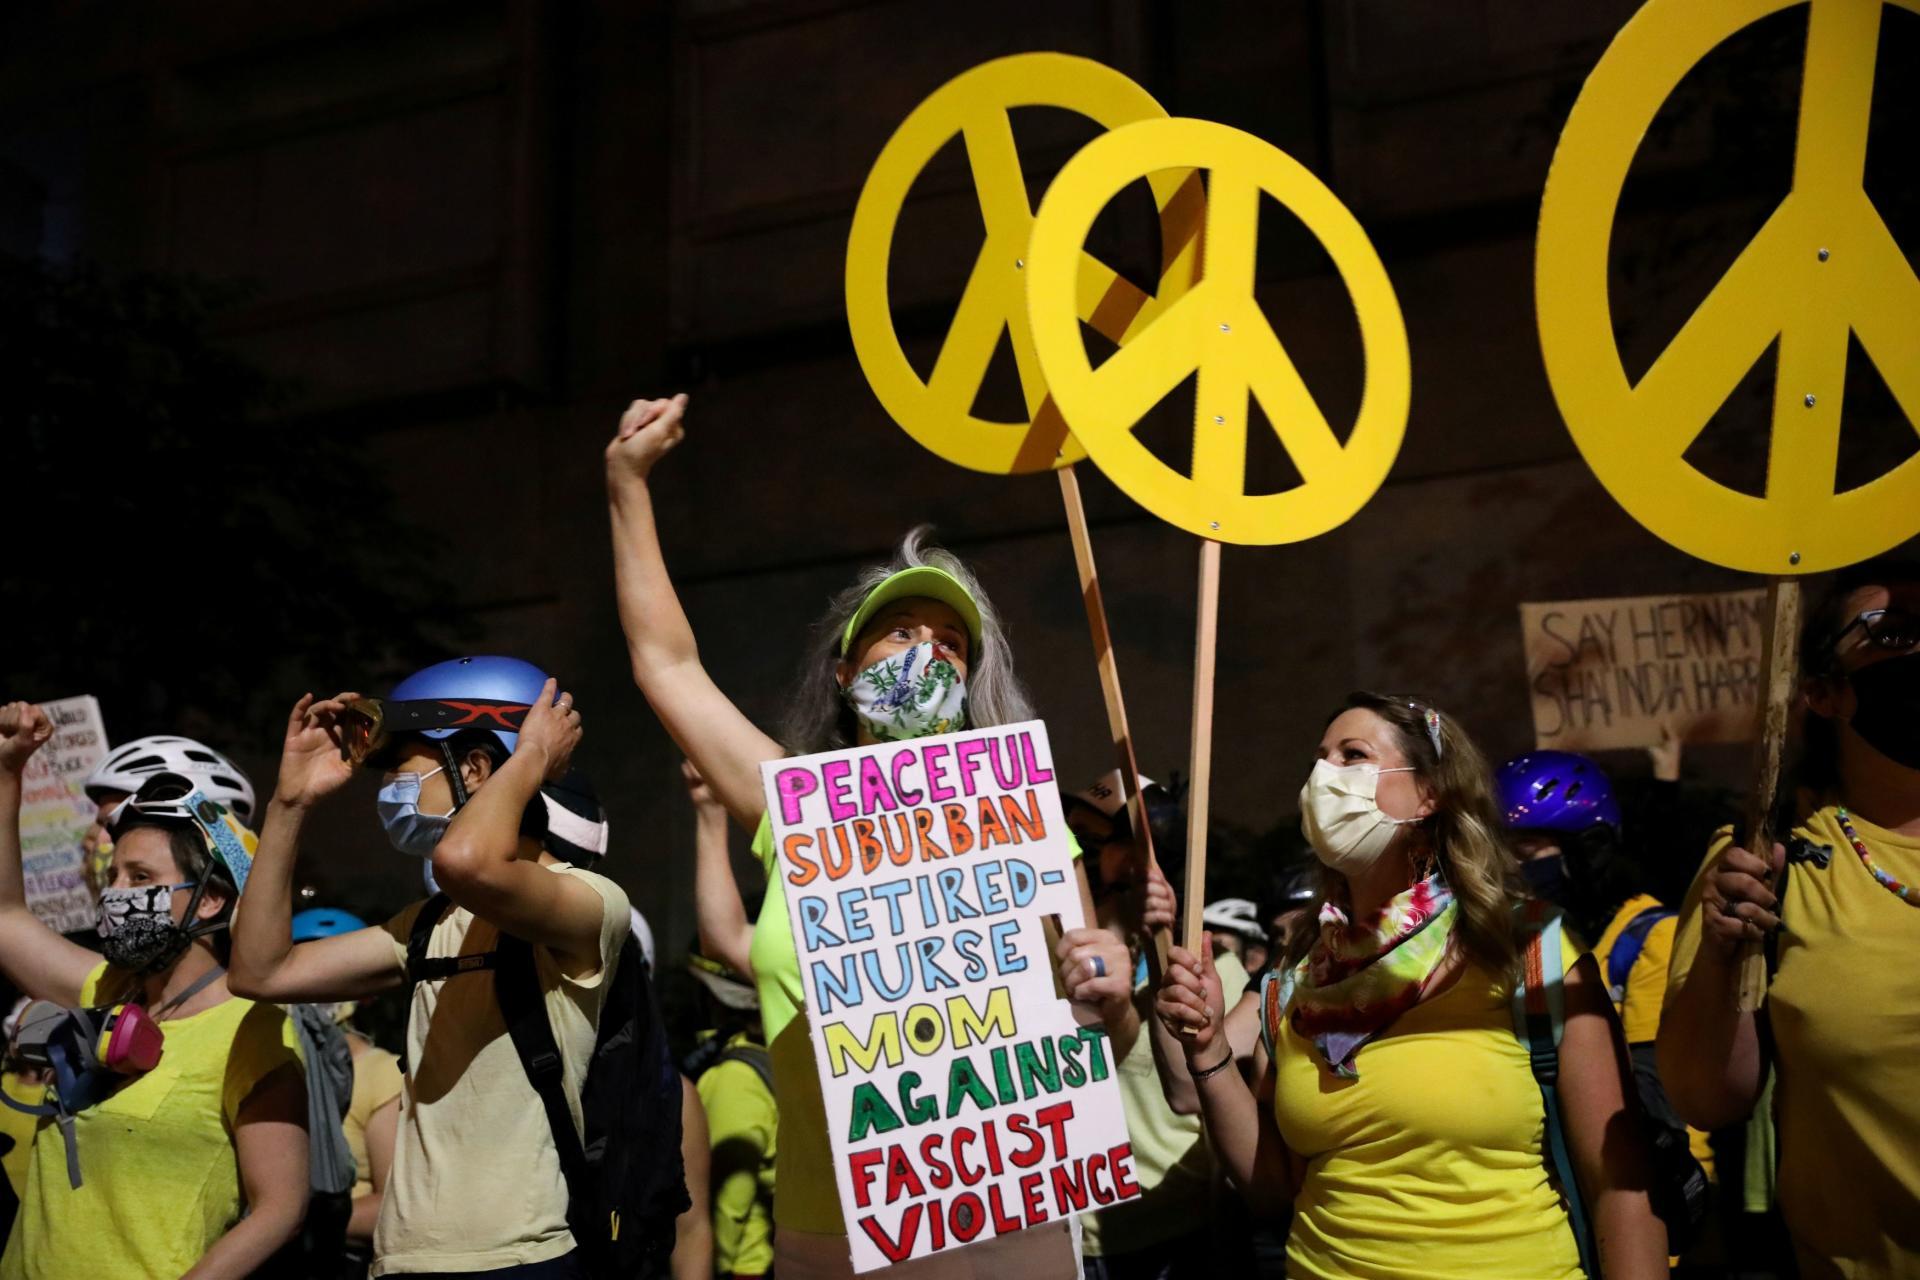 Des mères de famille brandissent des symboles «peace and love» pour manifester leur colère contre les violences policières, à Portland, le 21juillet.